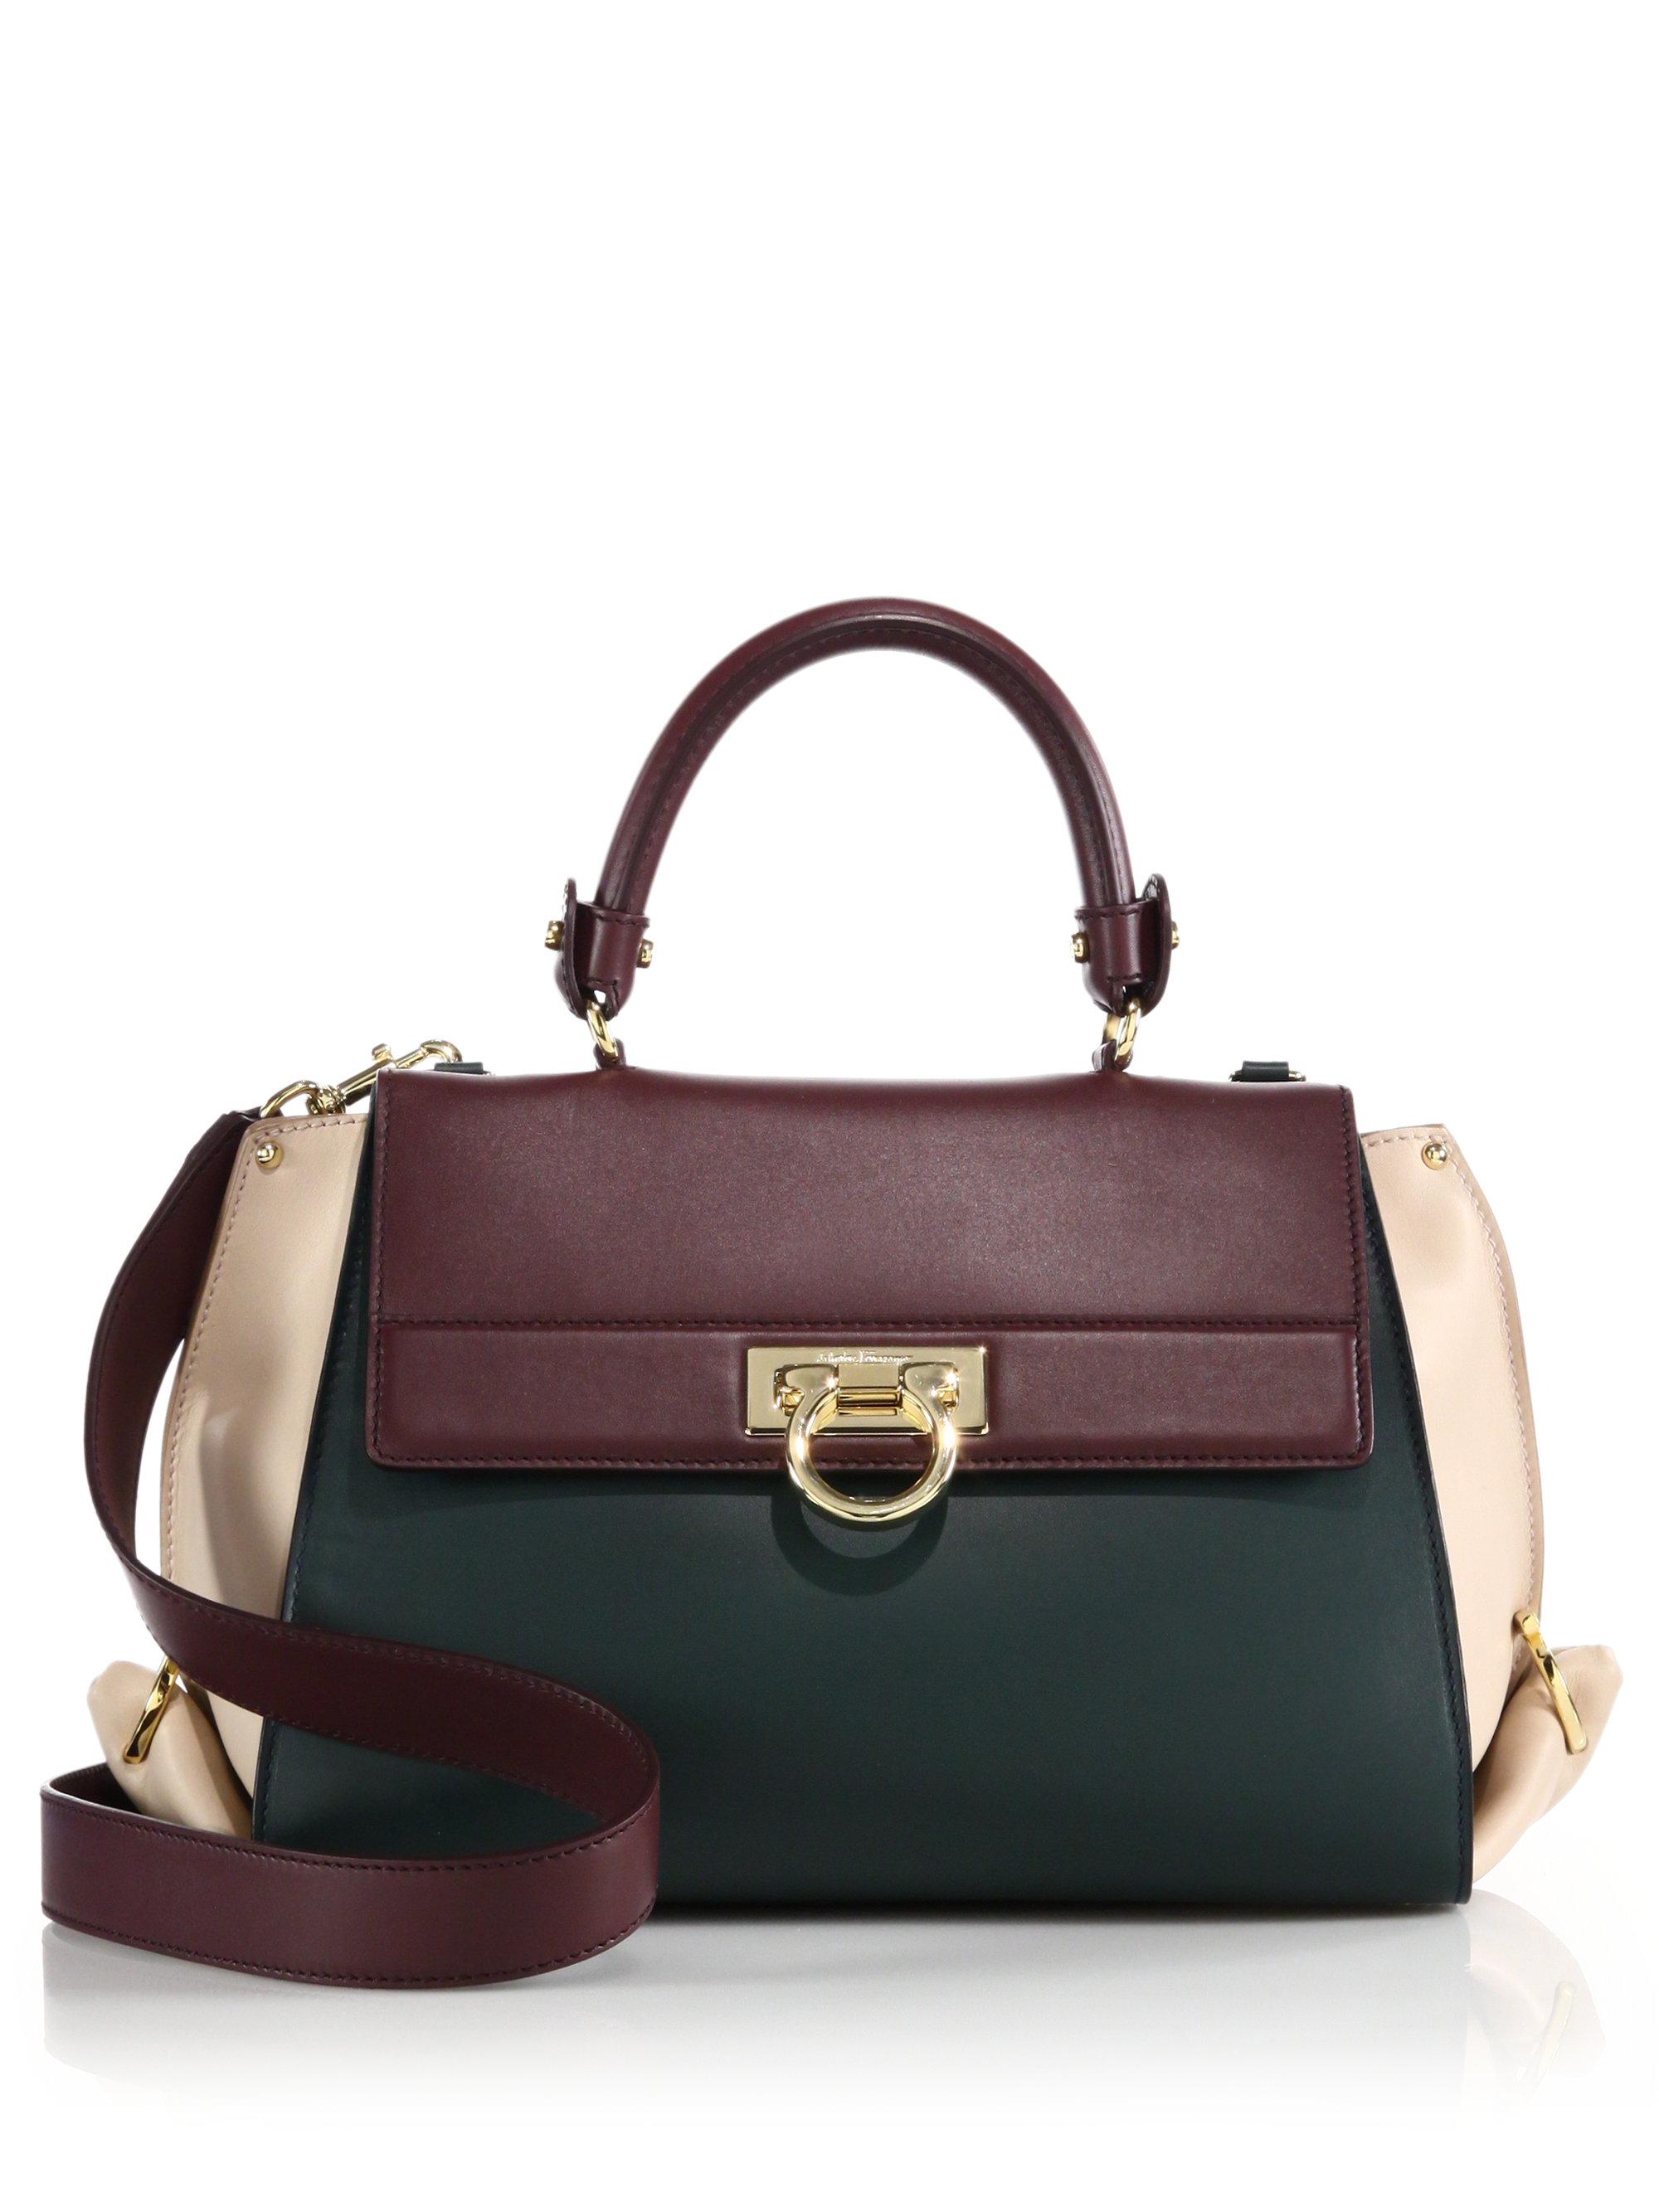 Lyst - Ferragamo Sofia Medium Colorblock Leather Satchel in Purple 748d6f1ca91bc